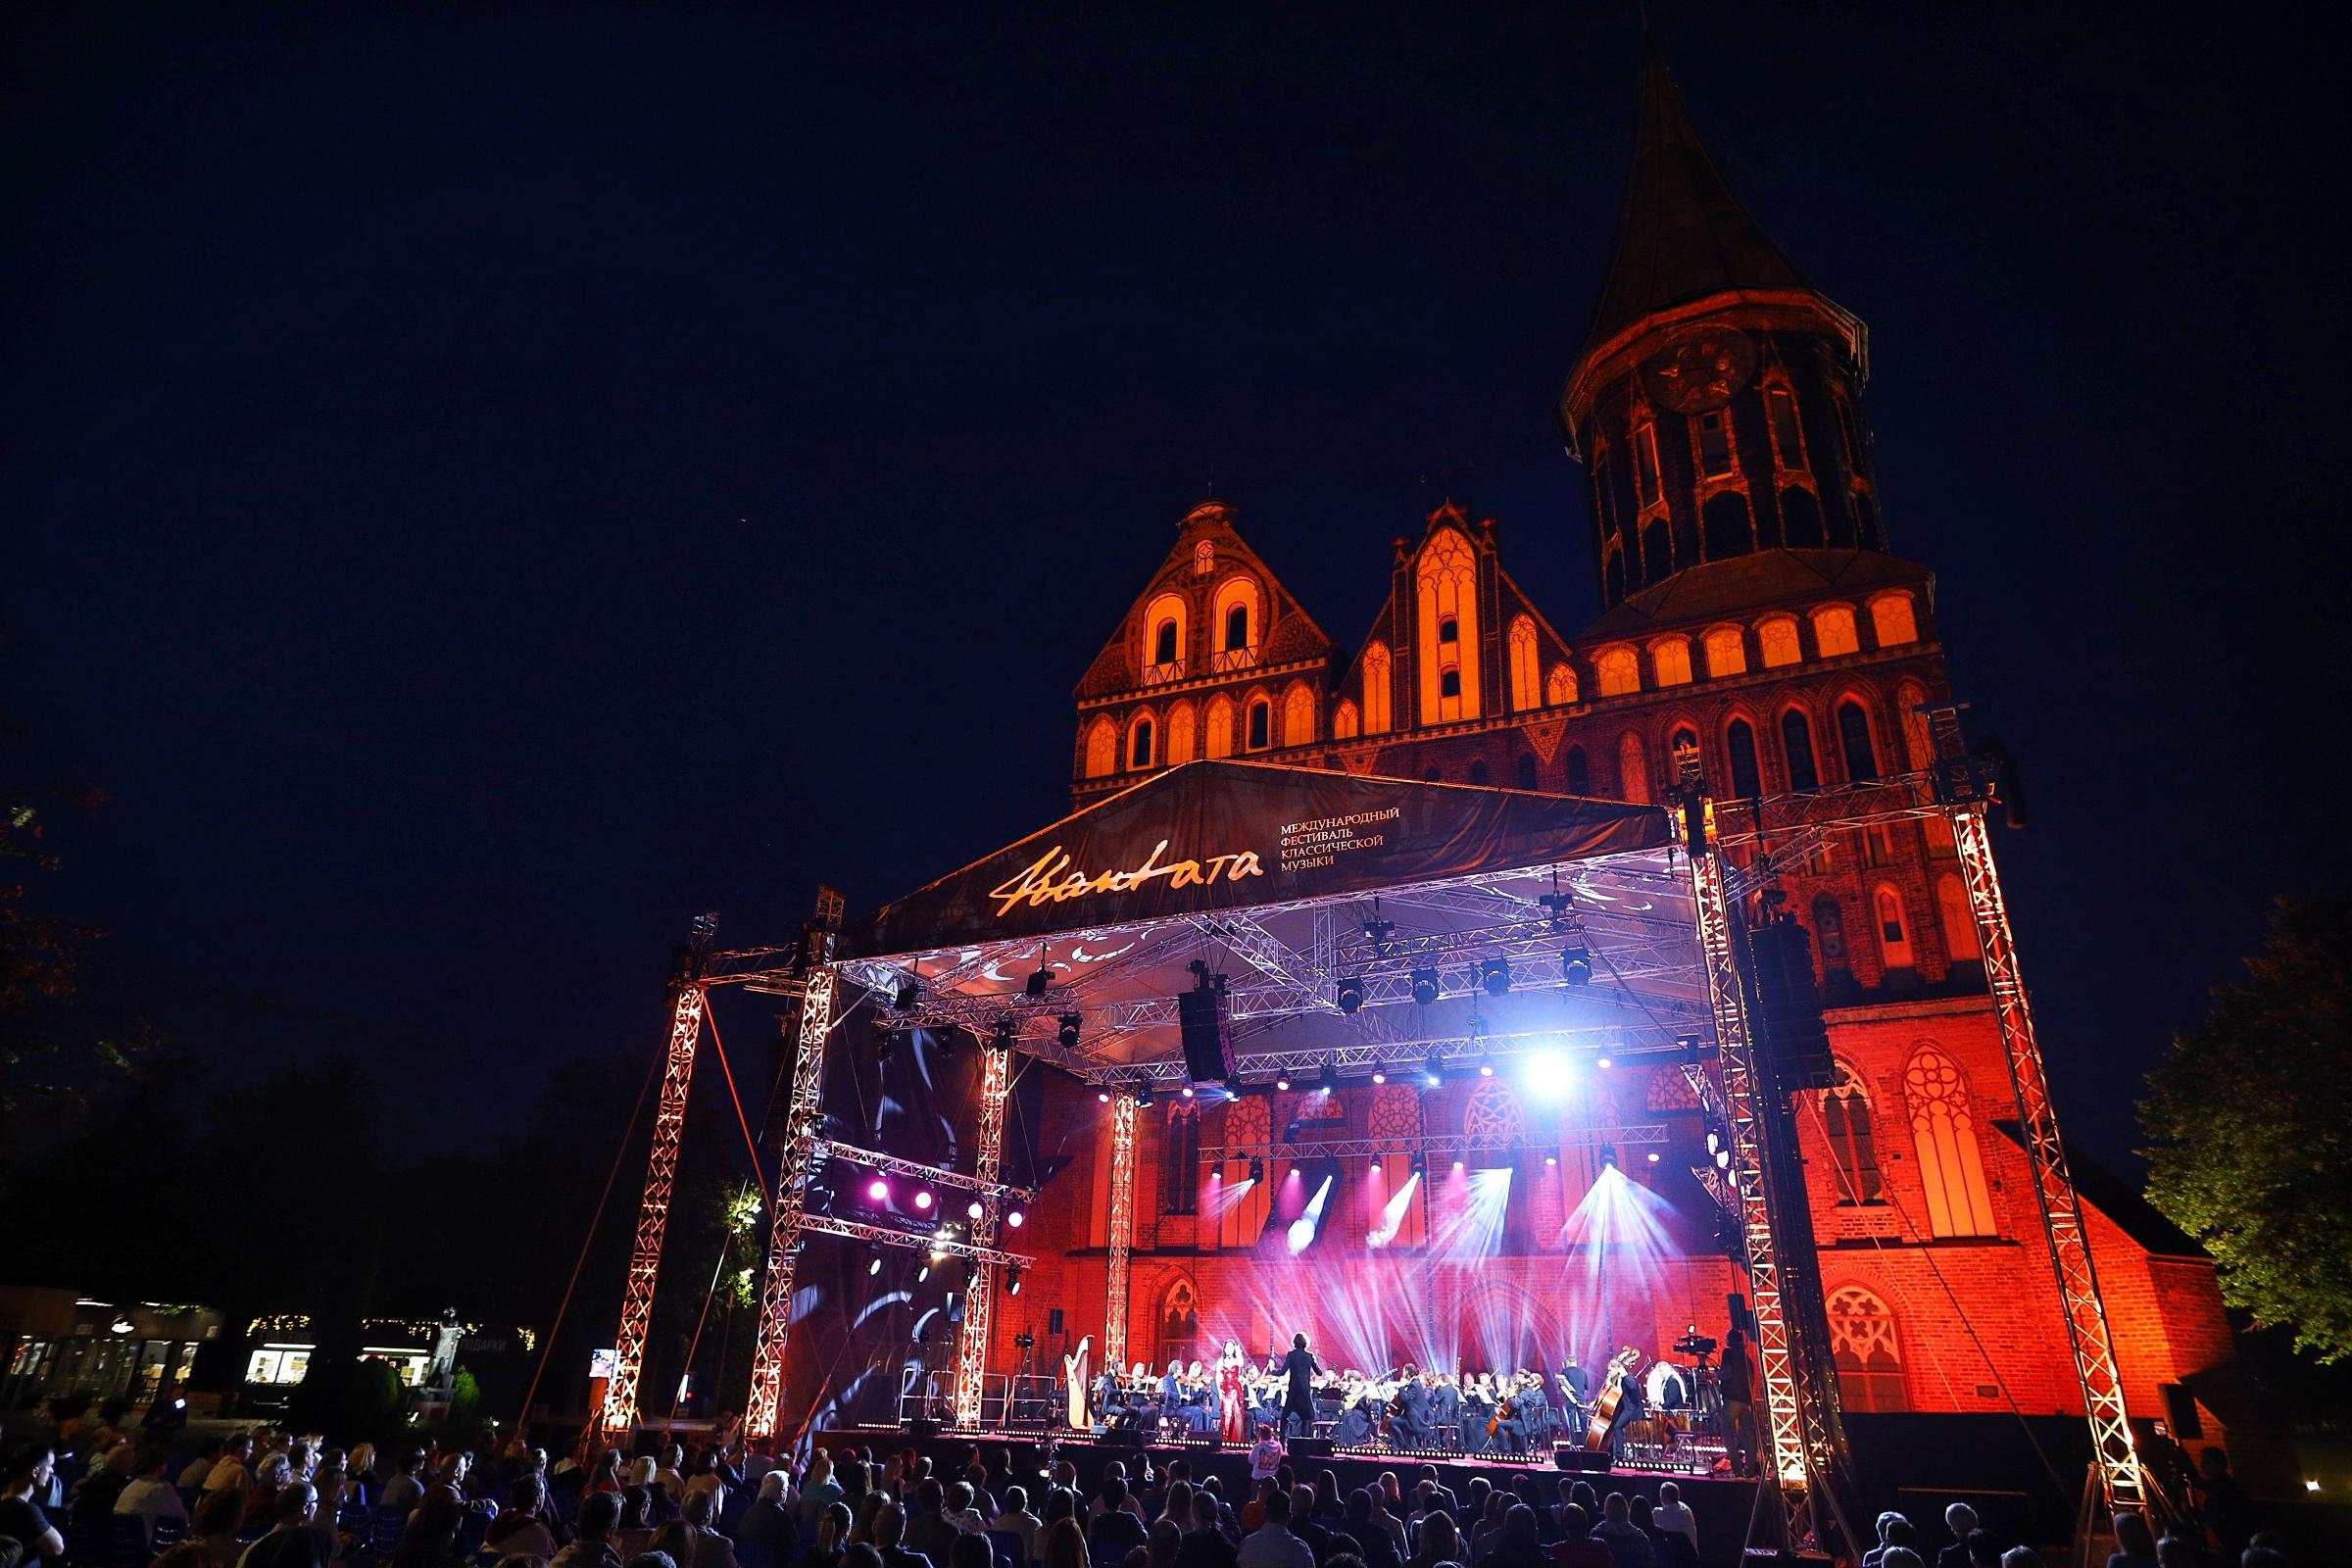 Первый Международный фестиваль классической музыки «Кантата» ожидает продолжение